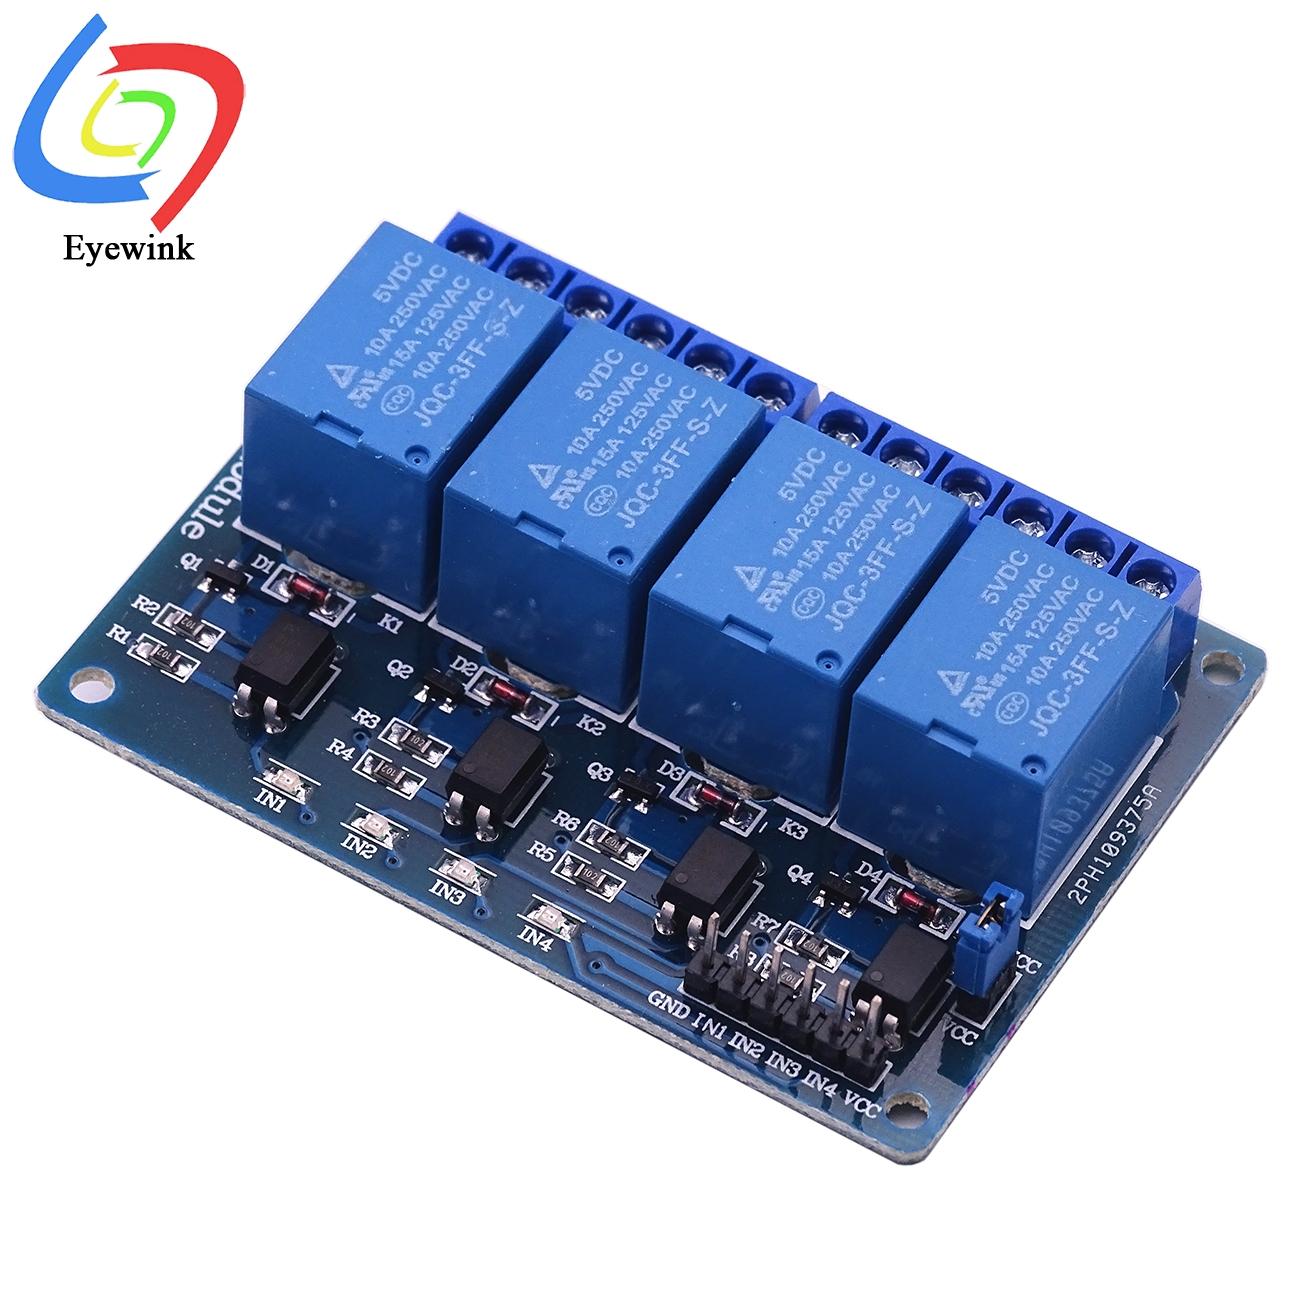 4-Канальный Релейный Модуль 5 В/12 В/24 В, 4-быстрое для Arduino с оптроном, релейный выход, 4-Канальный Релейный модуль, 4 канала